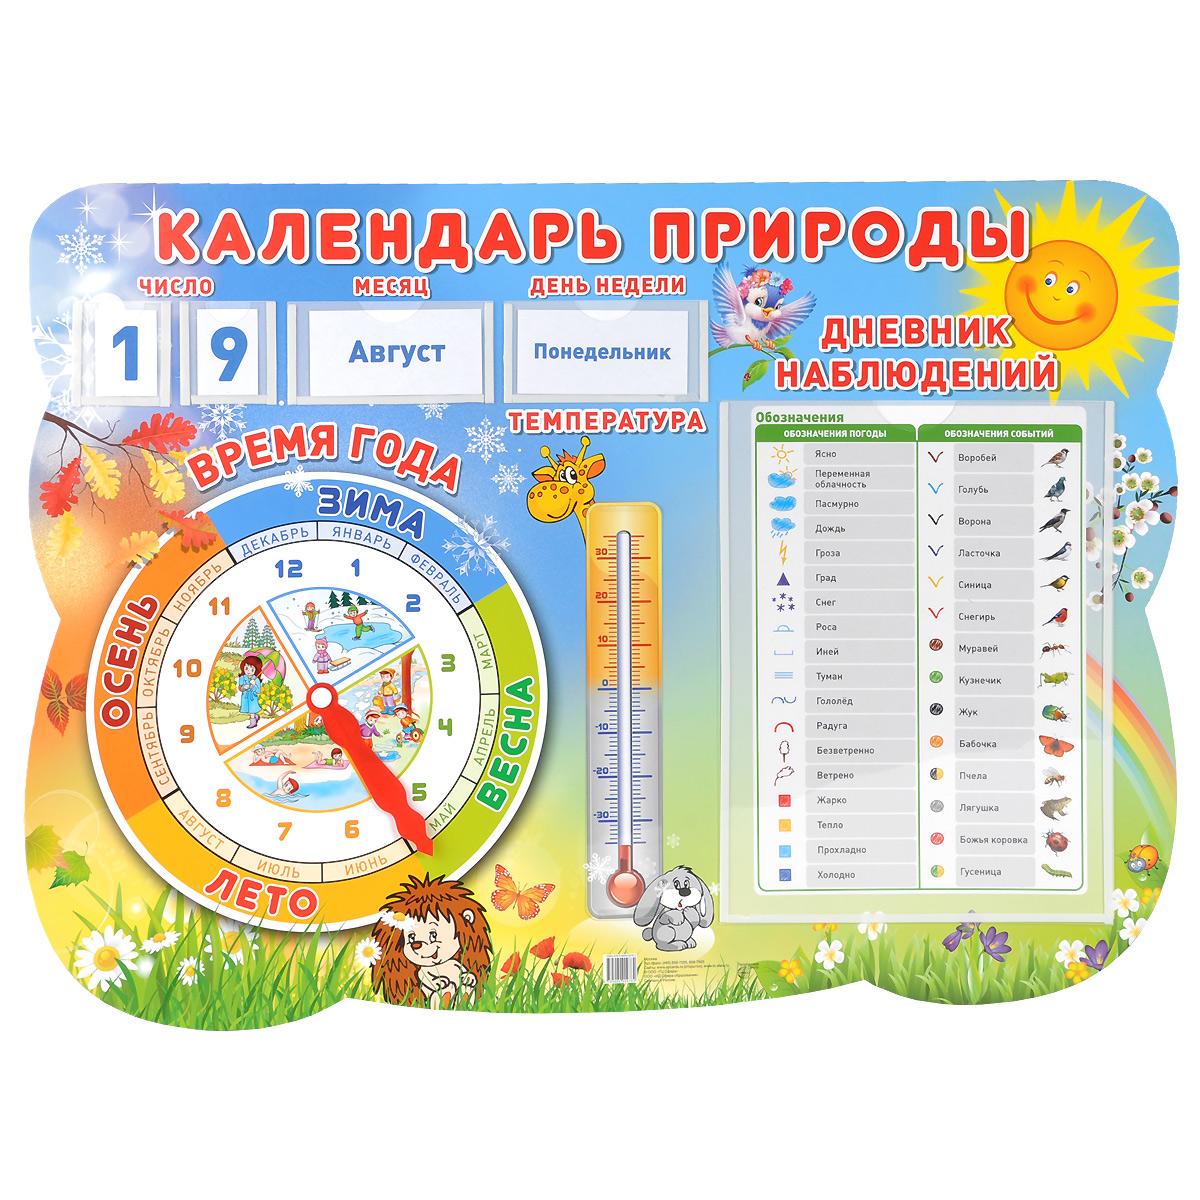 Календарь природы как сделать